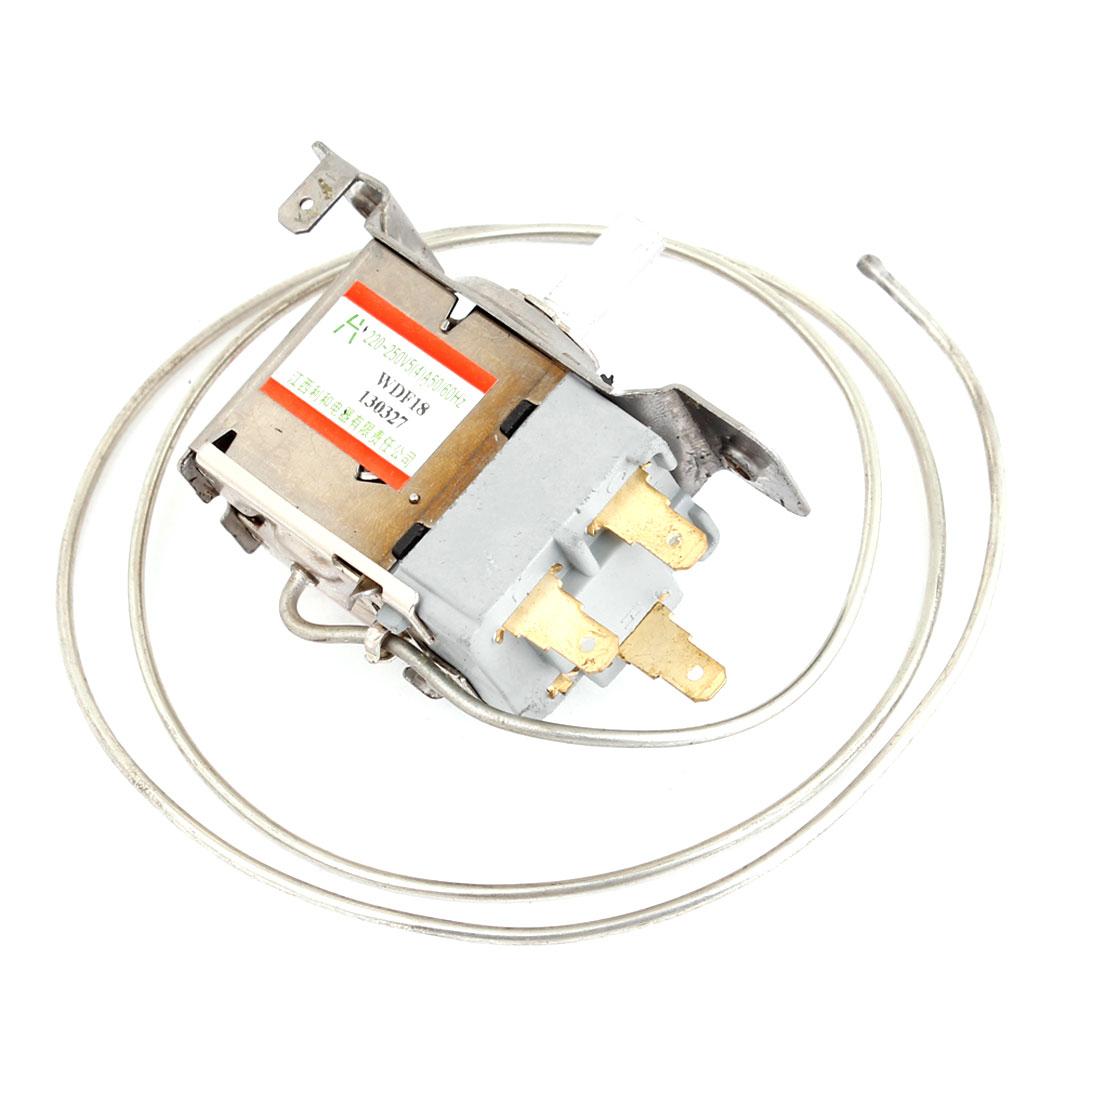 AC 220-250V 5A 3 Terminals Refrigeration Thermostat for Refrigerators